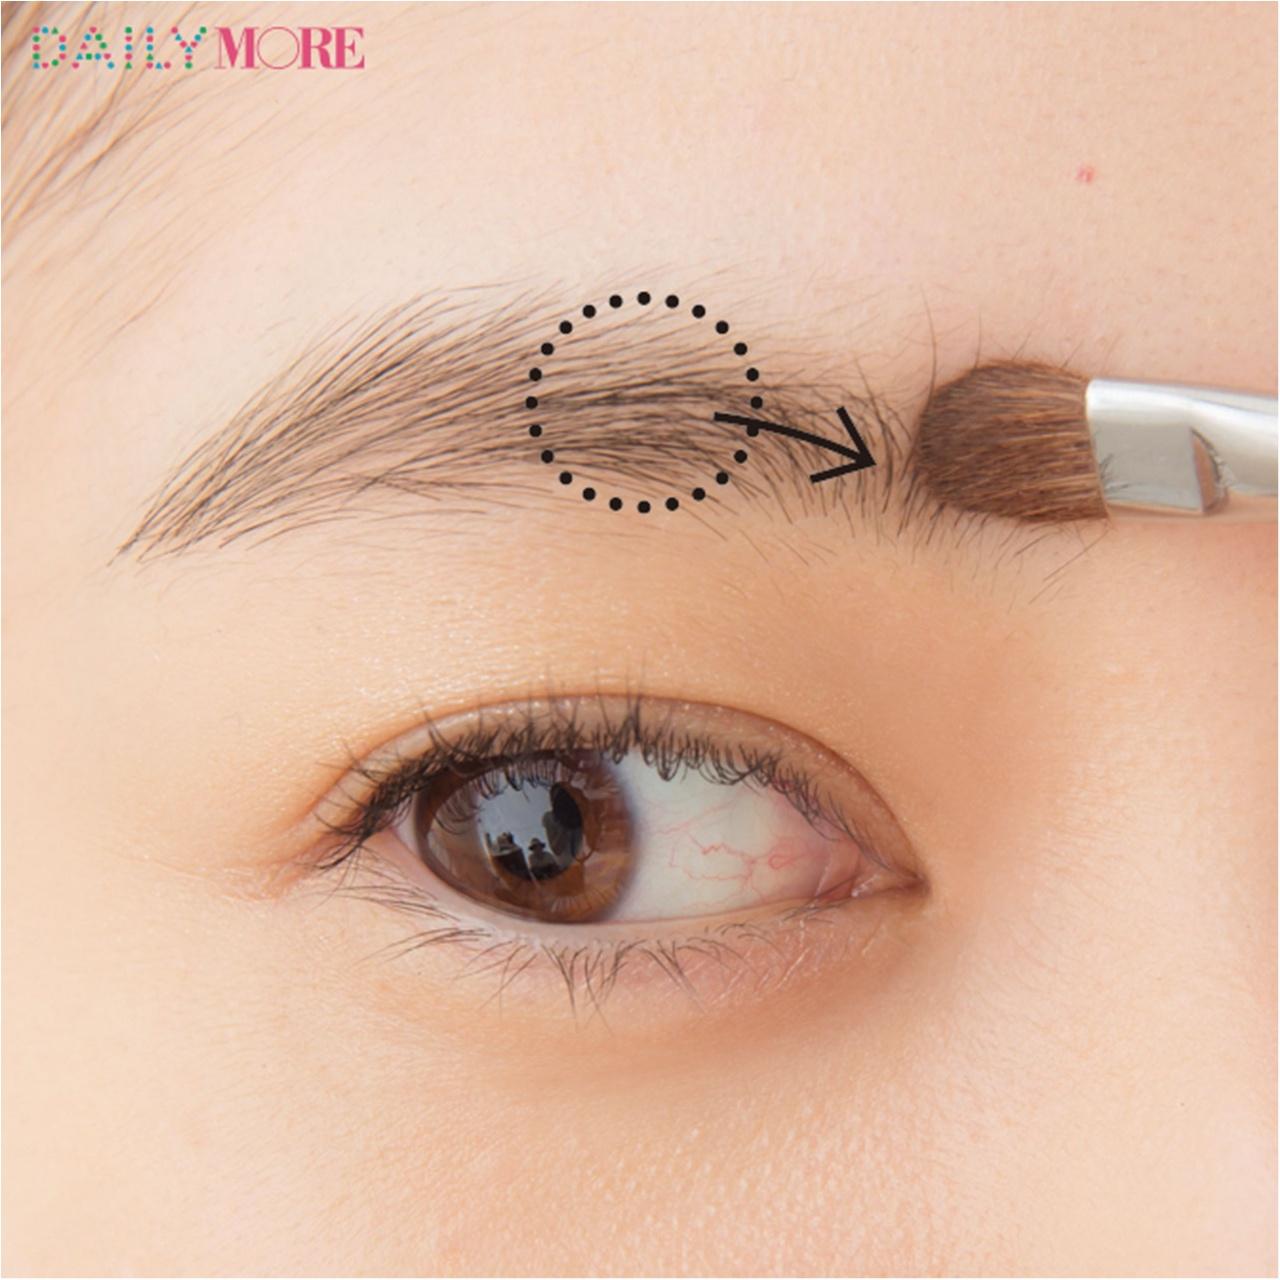 眉毛特集 - 世界一正しい眉の描き方 | アイブロウの描き方、メイクのプロセスやテクニックまとめ_32